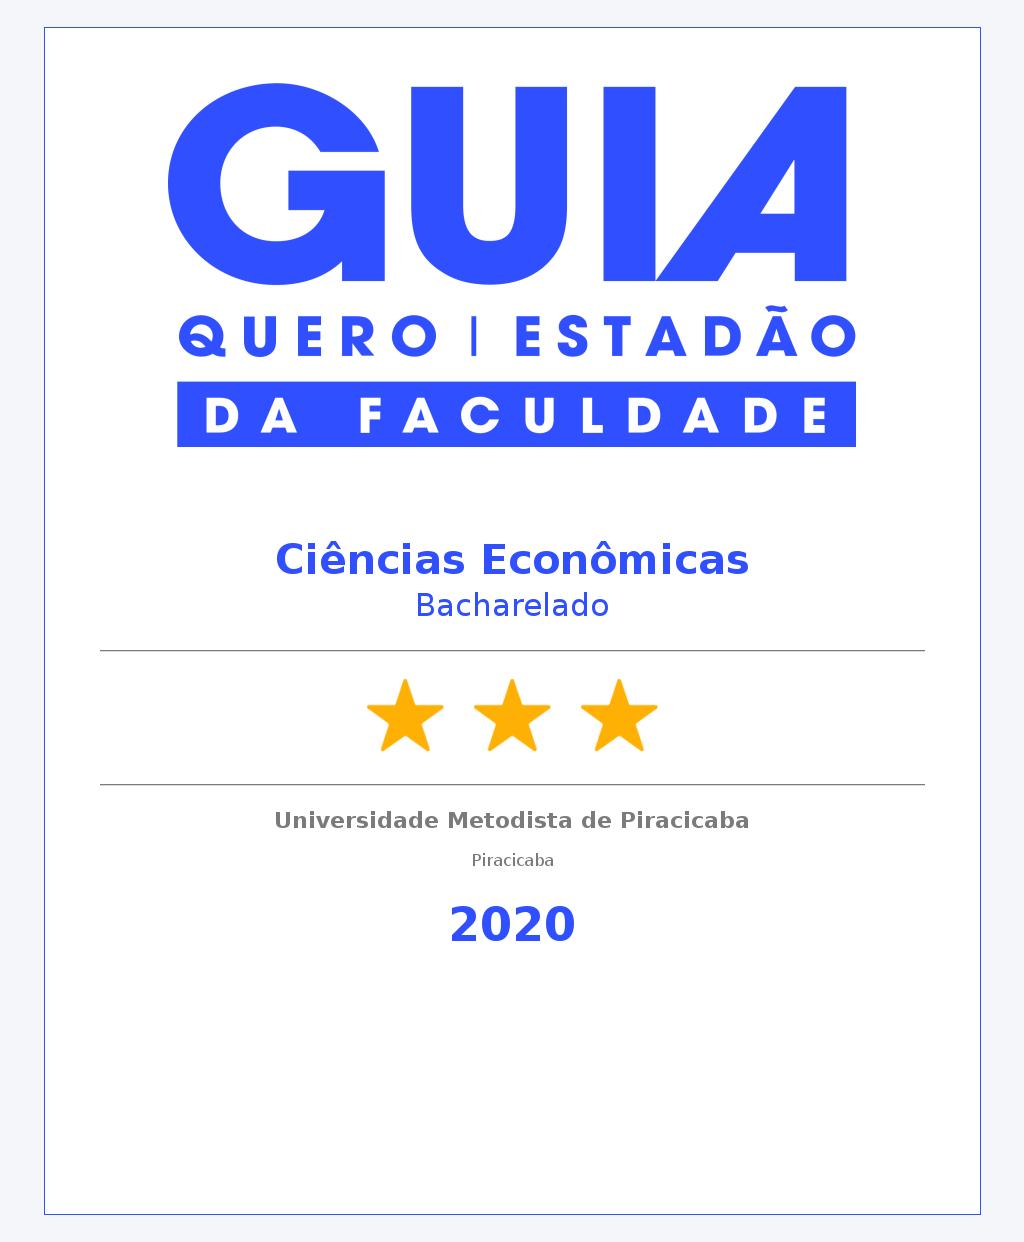 ciencias economicas.png